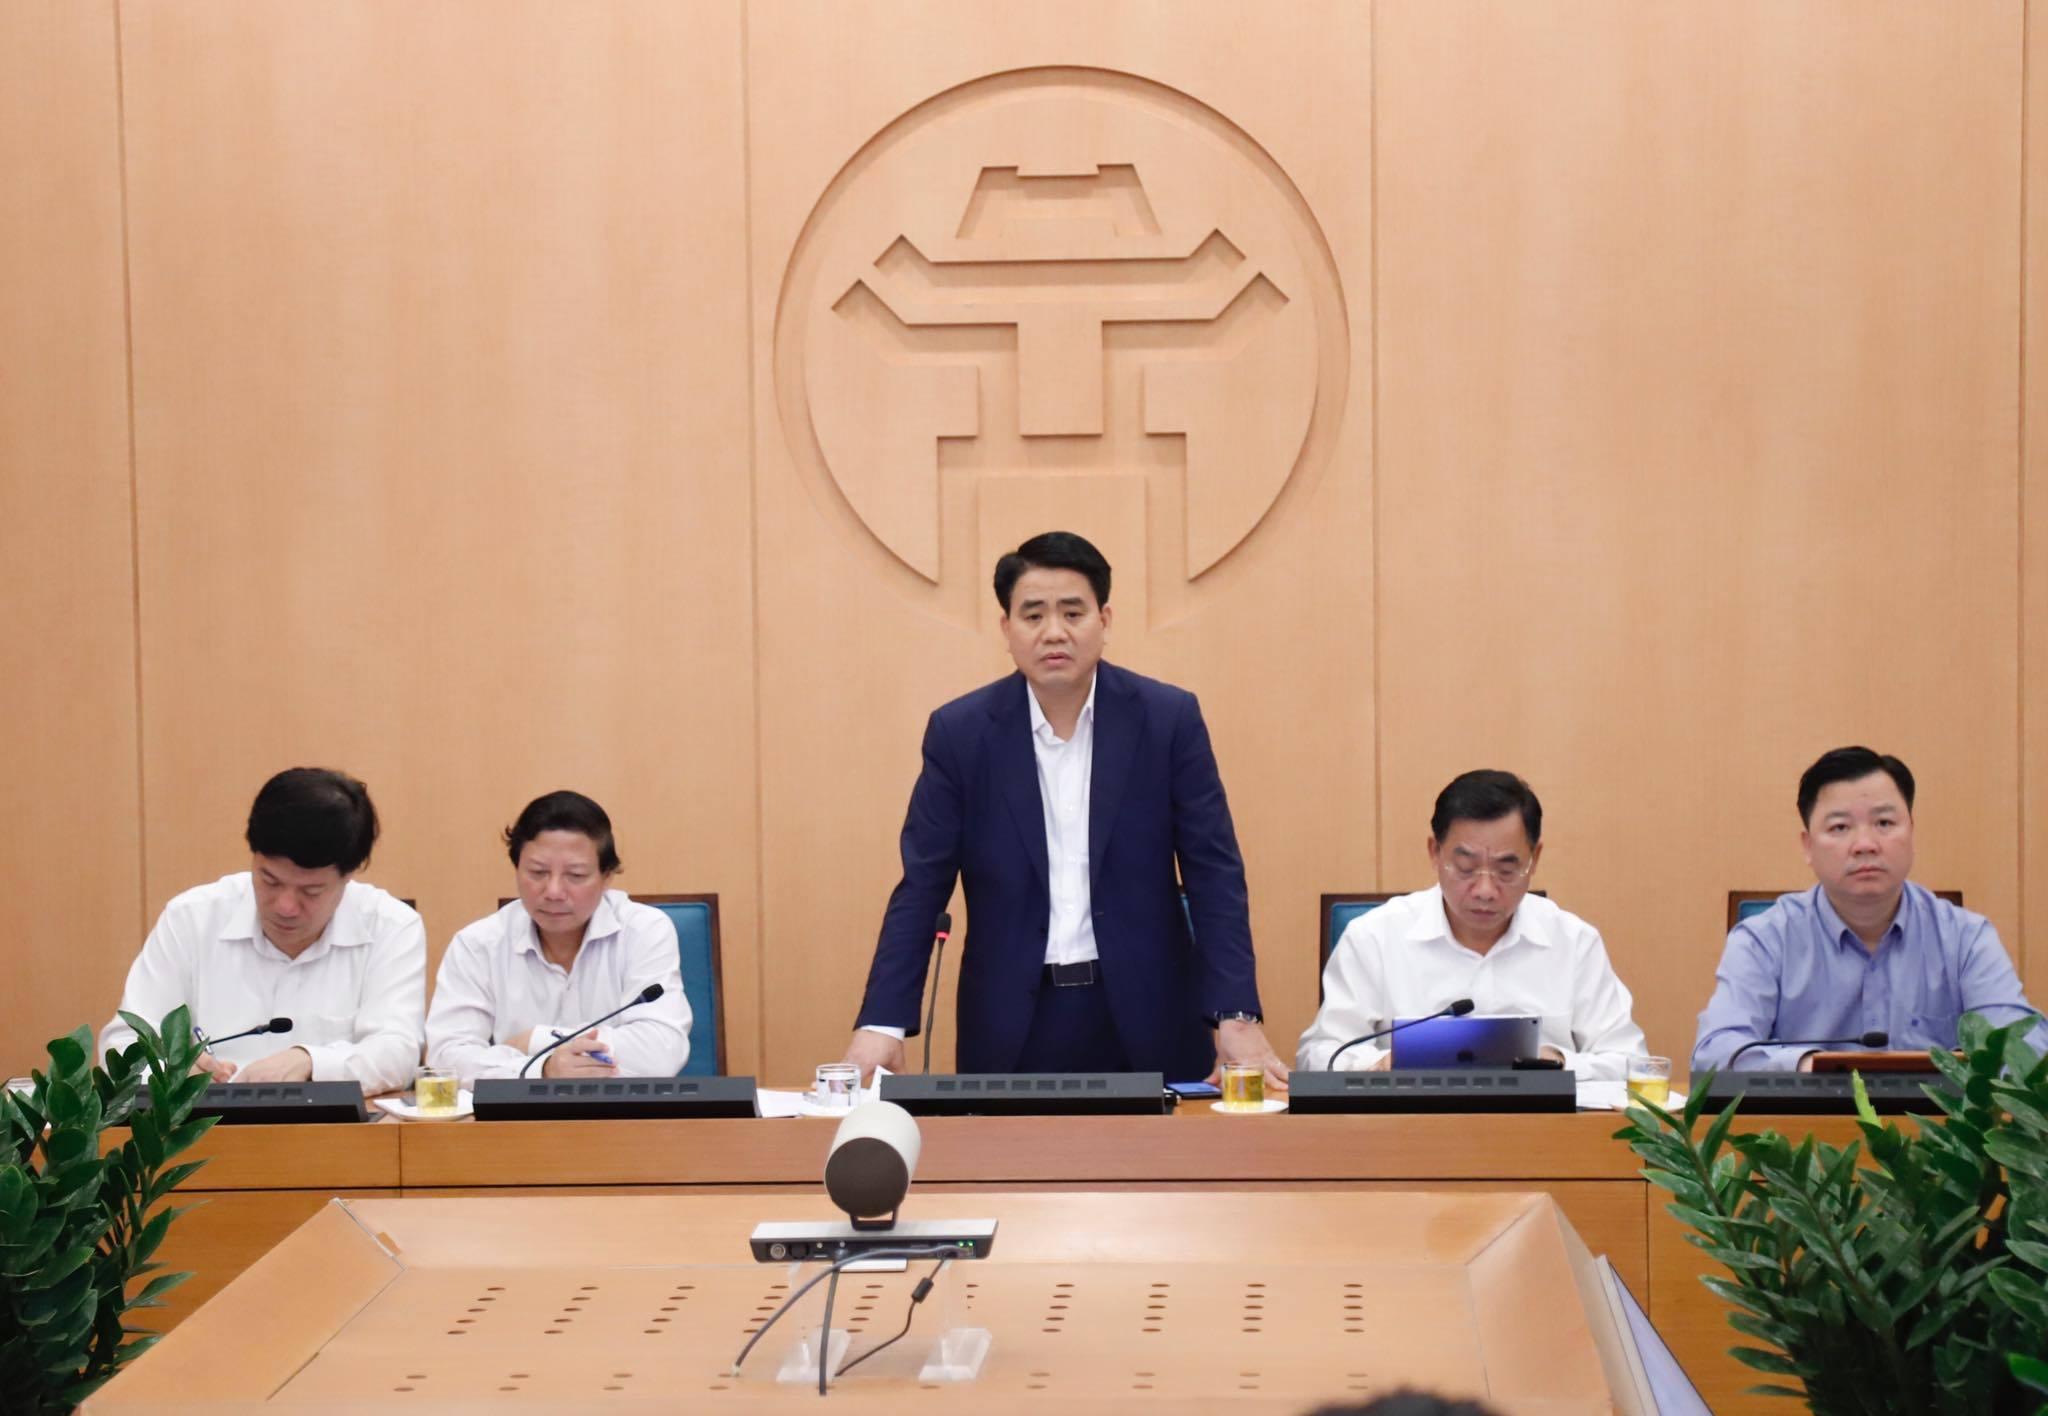 [CLIP] Chủ tịch UBND TP Hà Nội nói về trường hợp nhiễm Covid - 19 đầu tiên của Thủ đô và các bài học kinh nghiệm